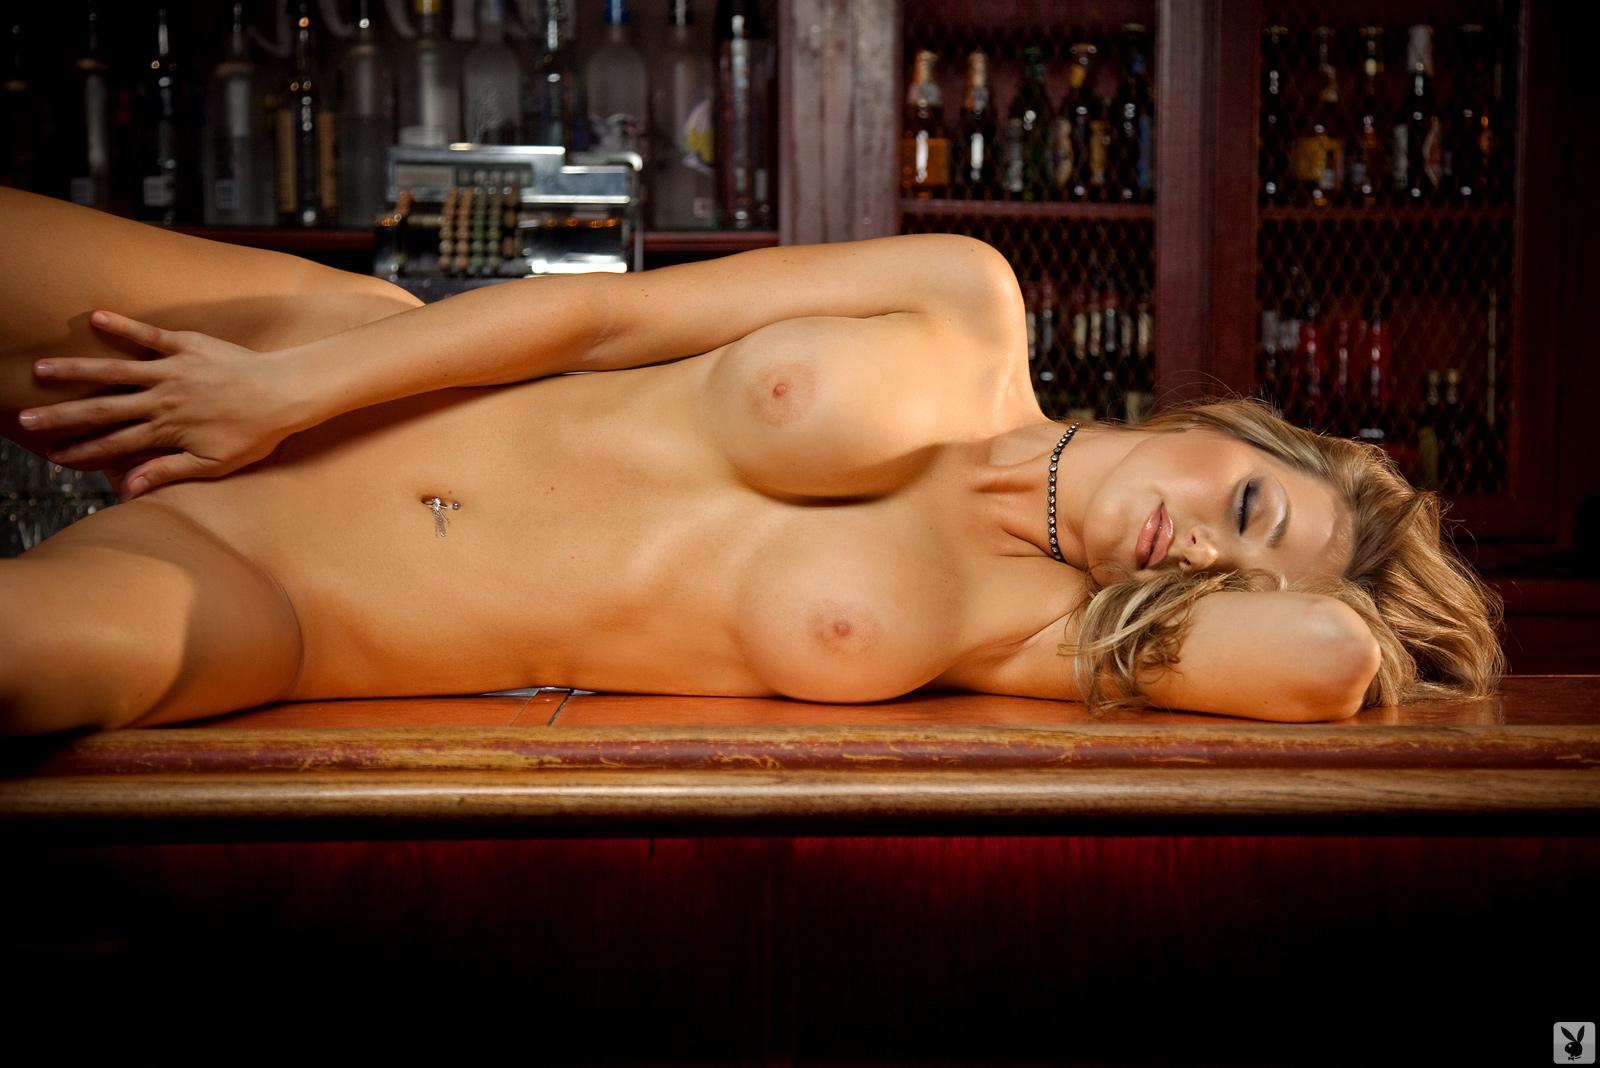 Пьяные голые в барах фото 16 фотография